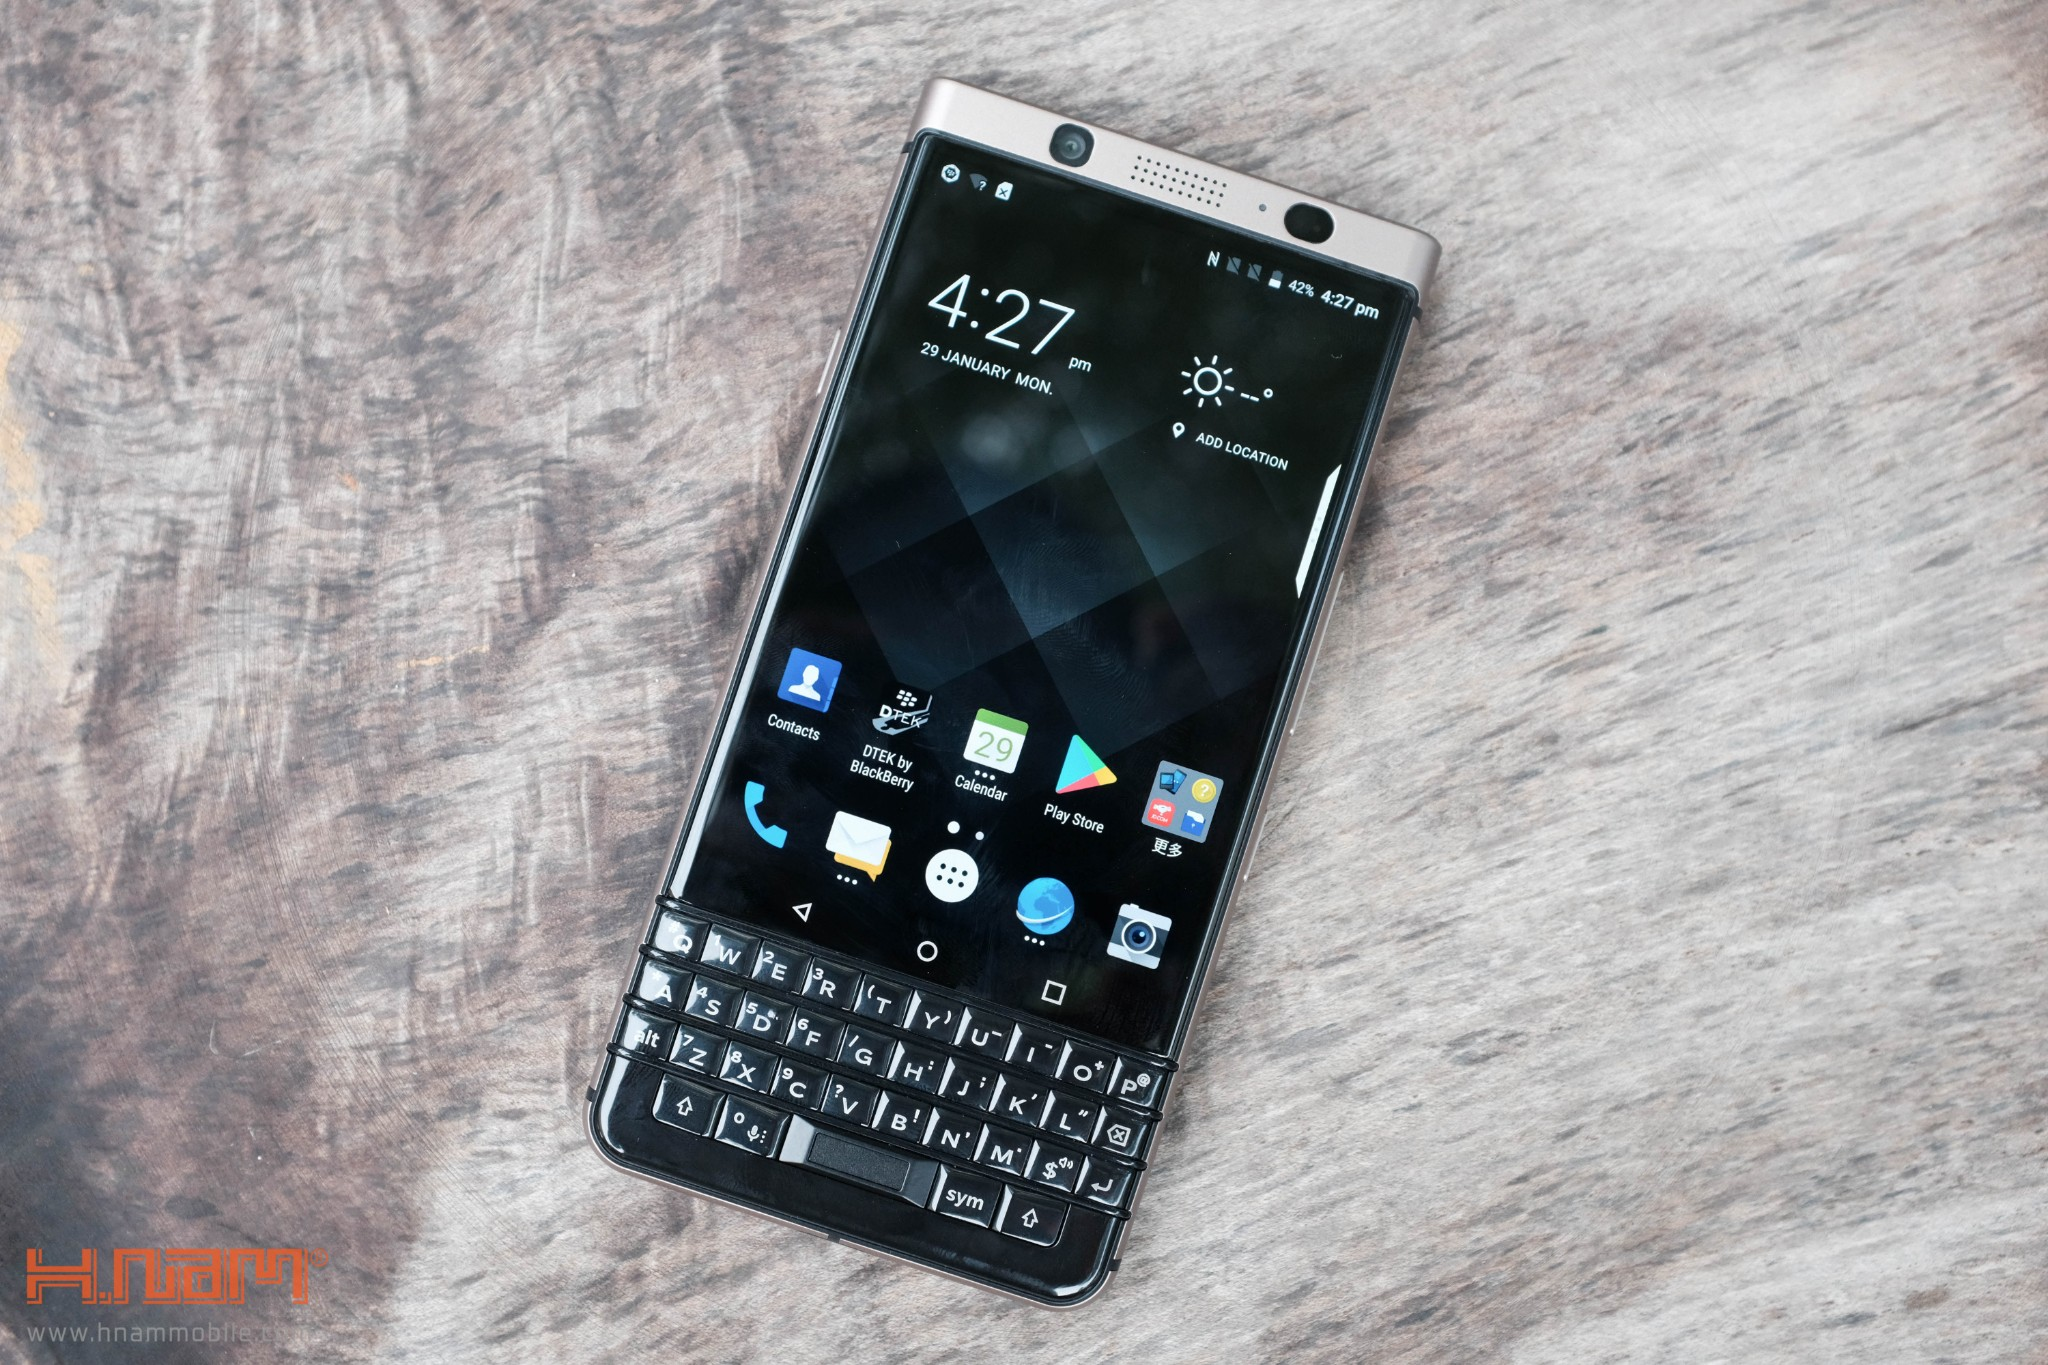 Trên tay Blackberry KEYone phiên bản màu Đồng cực chất! hình 2